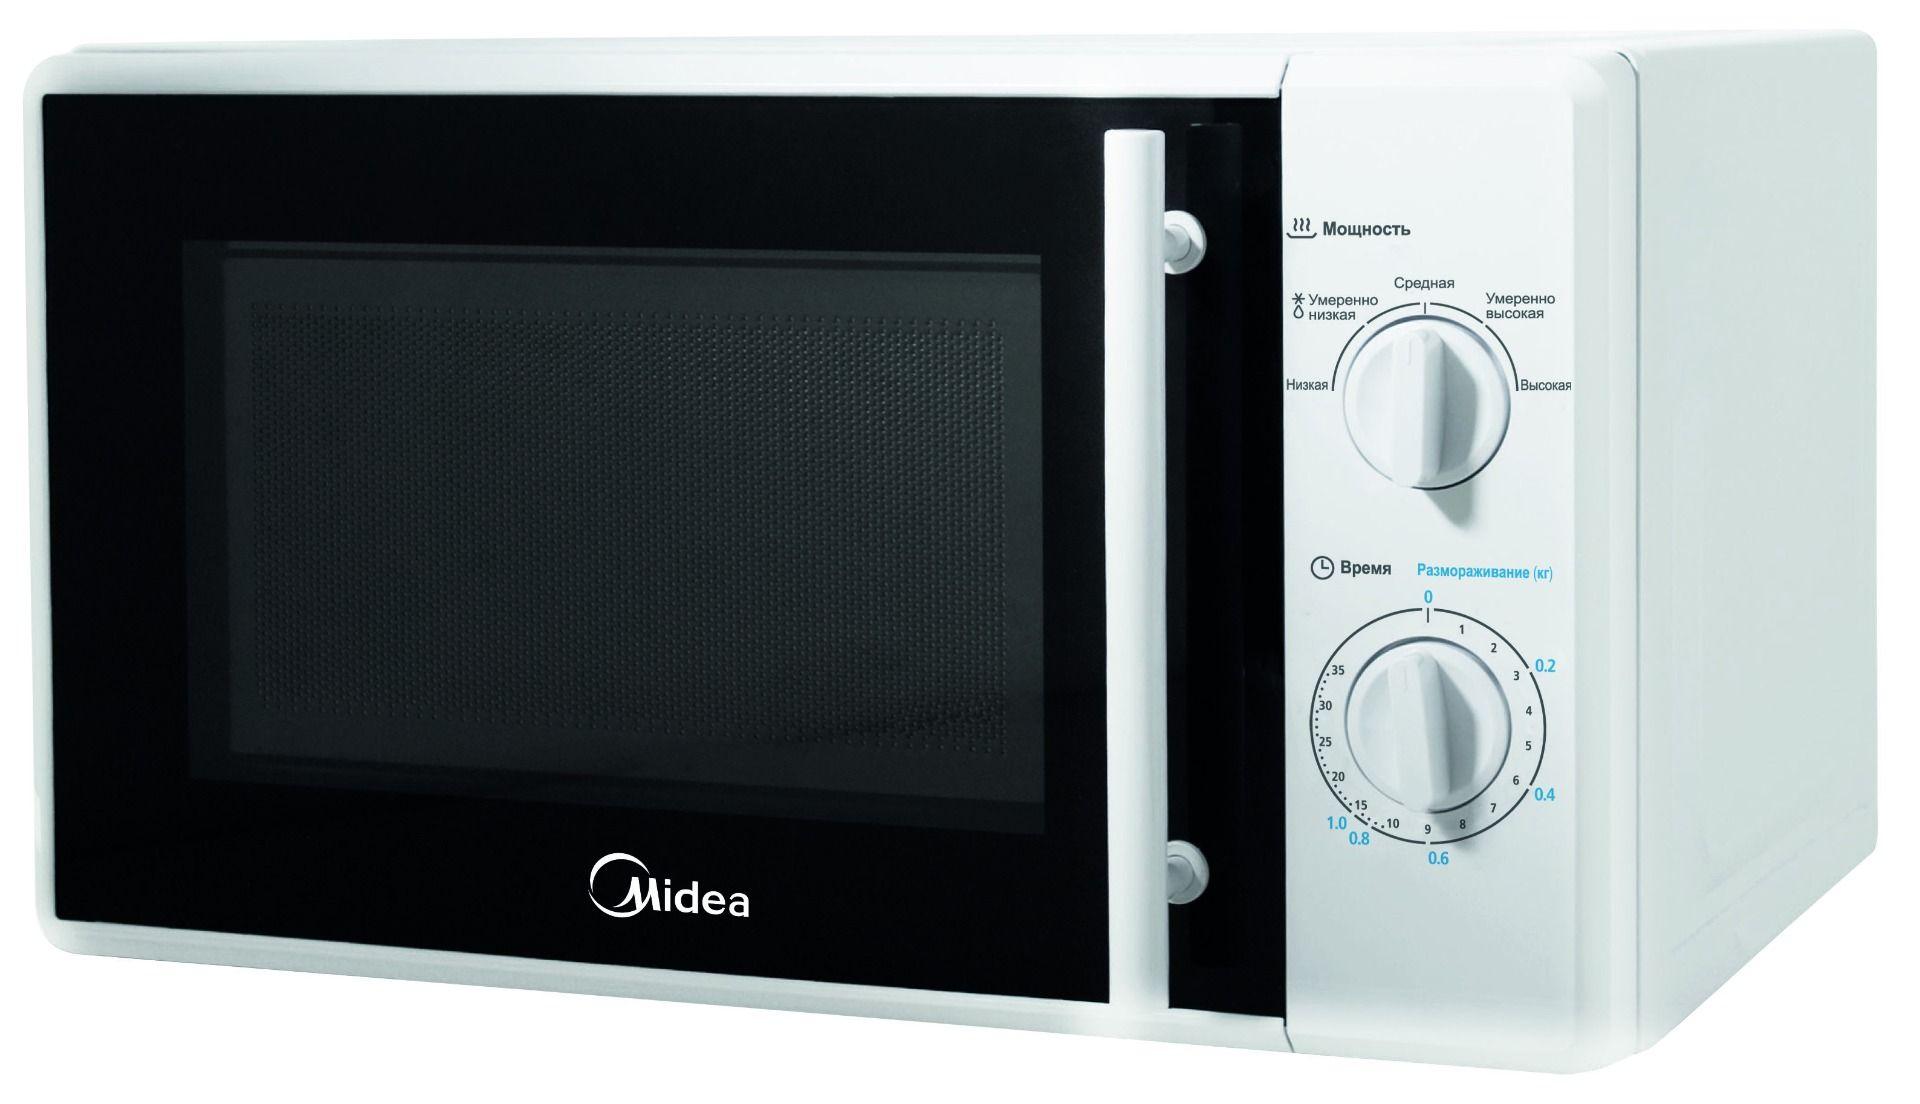 Микроволновая печь Midea MM720CPU